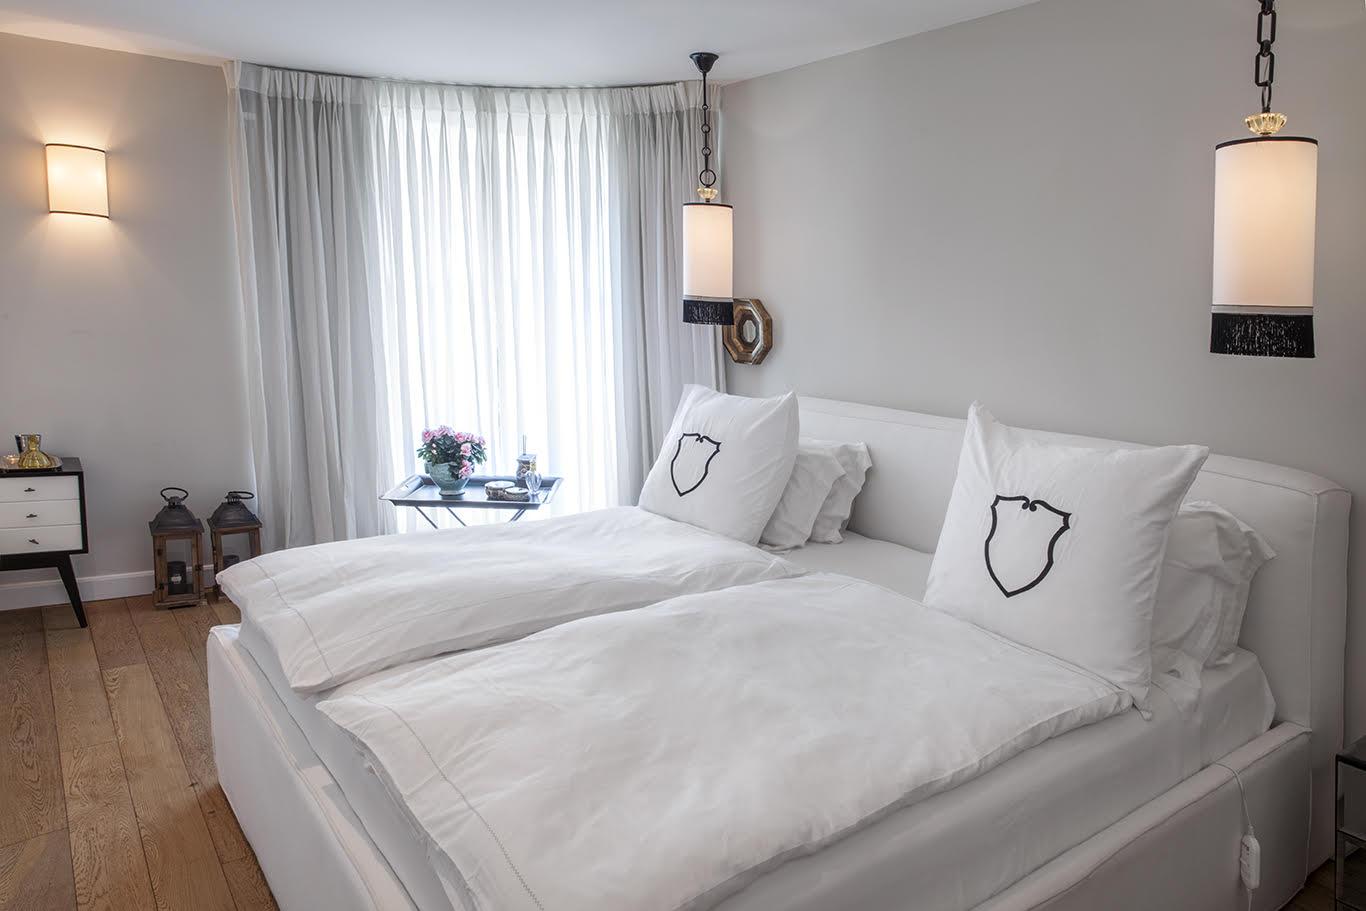 Zahala Residence III - Bedroom 2